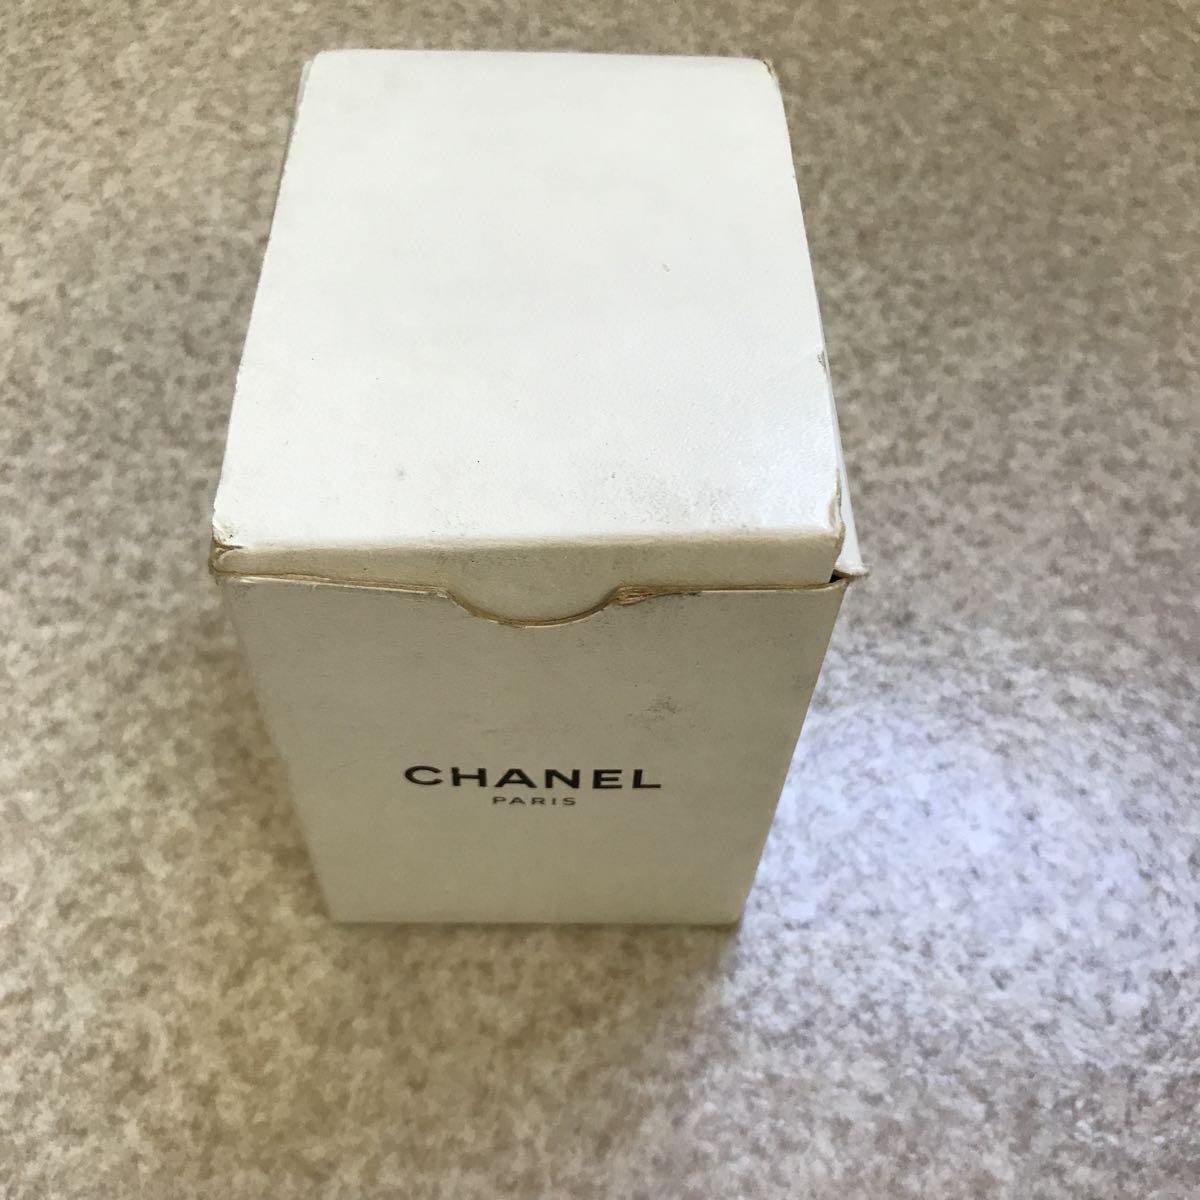 CHANEL 腕時計 プルミエール 正規品 Lサイズ_画像10